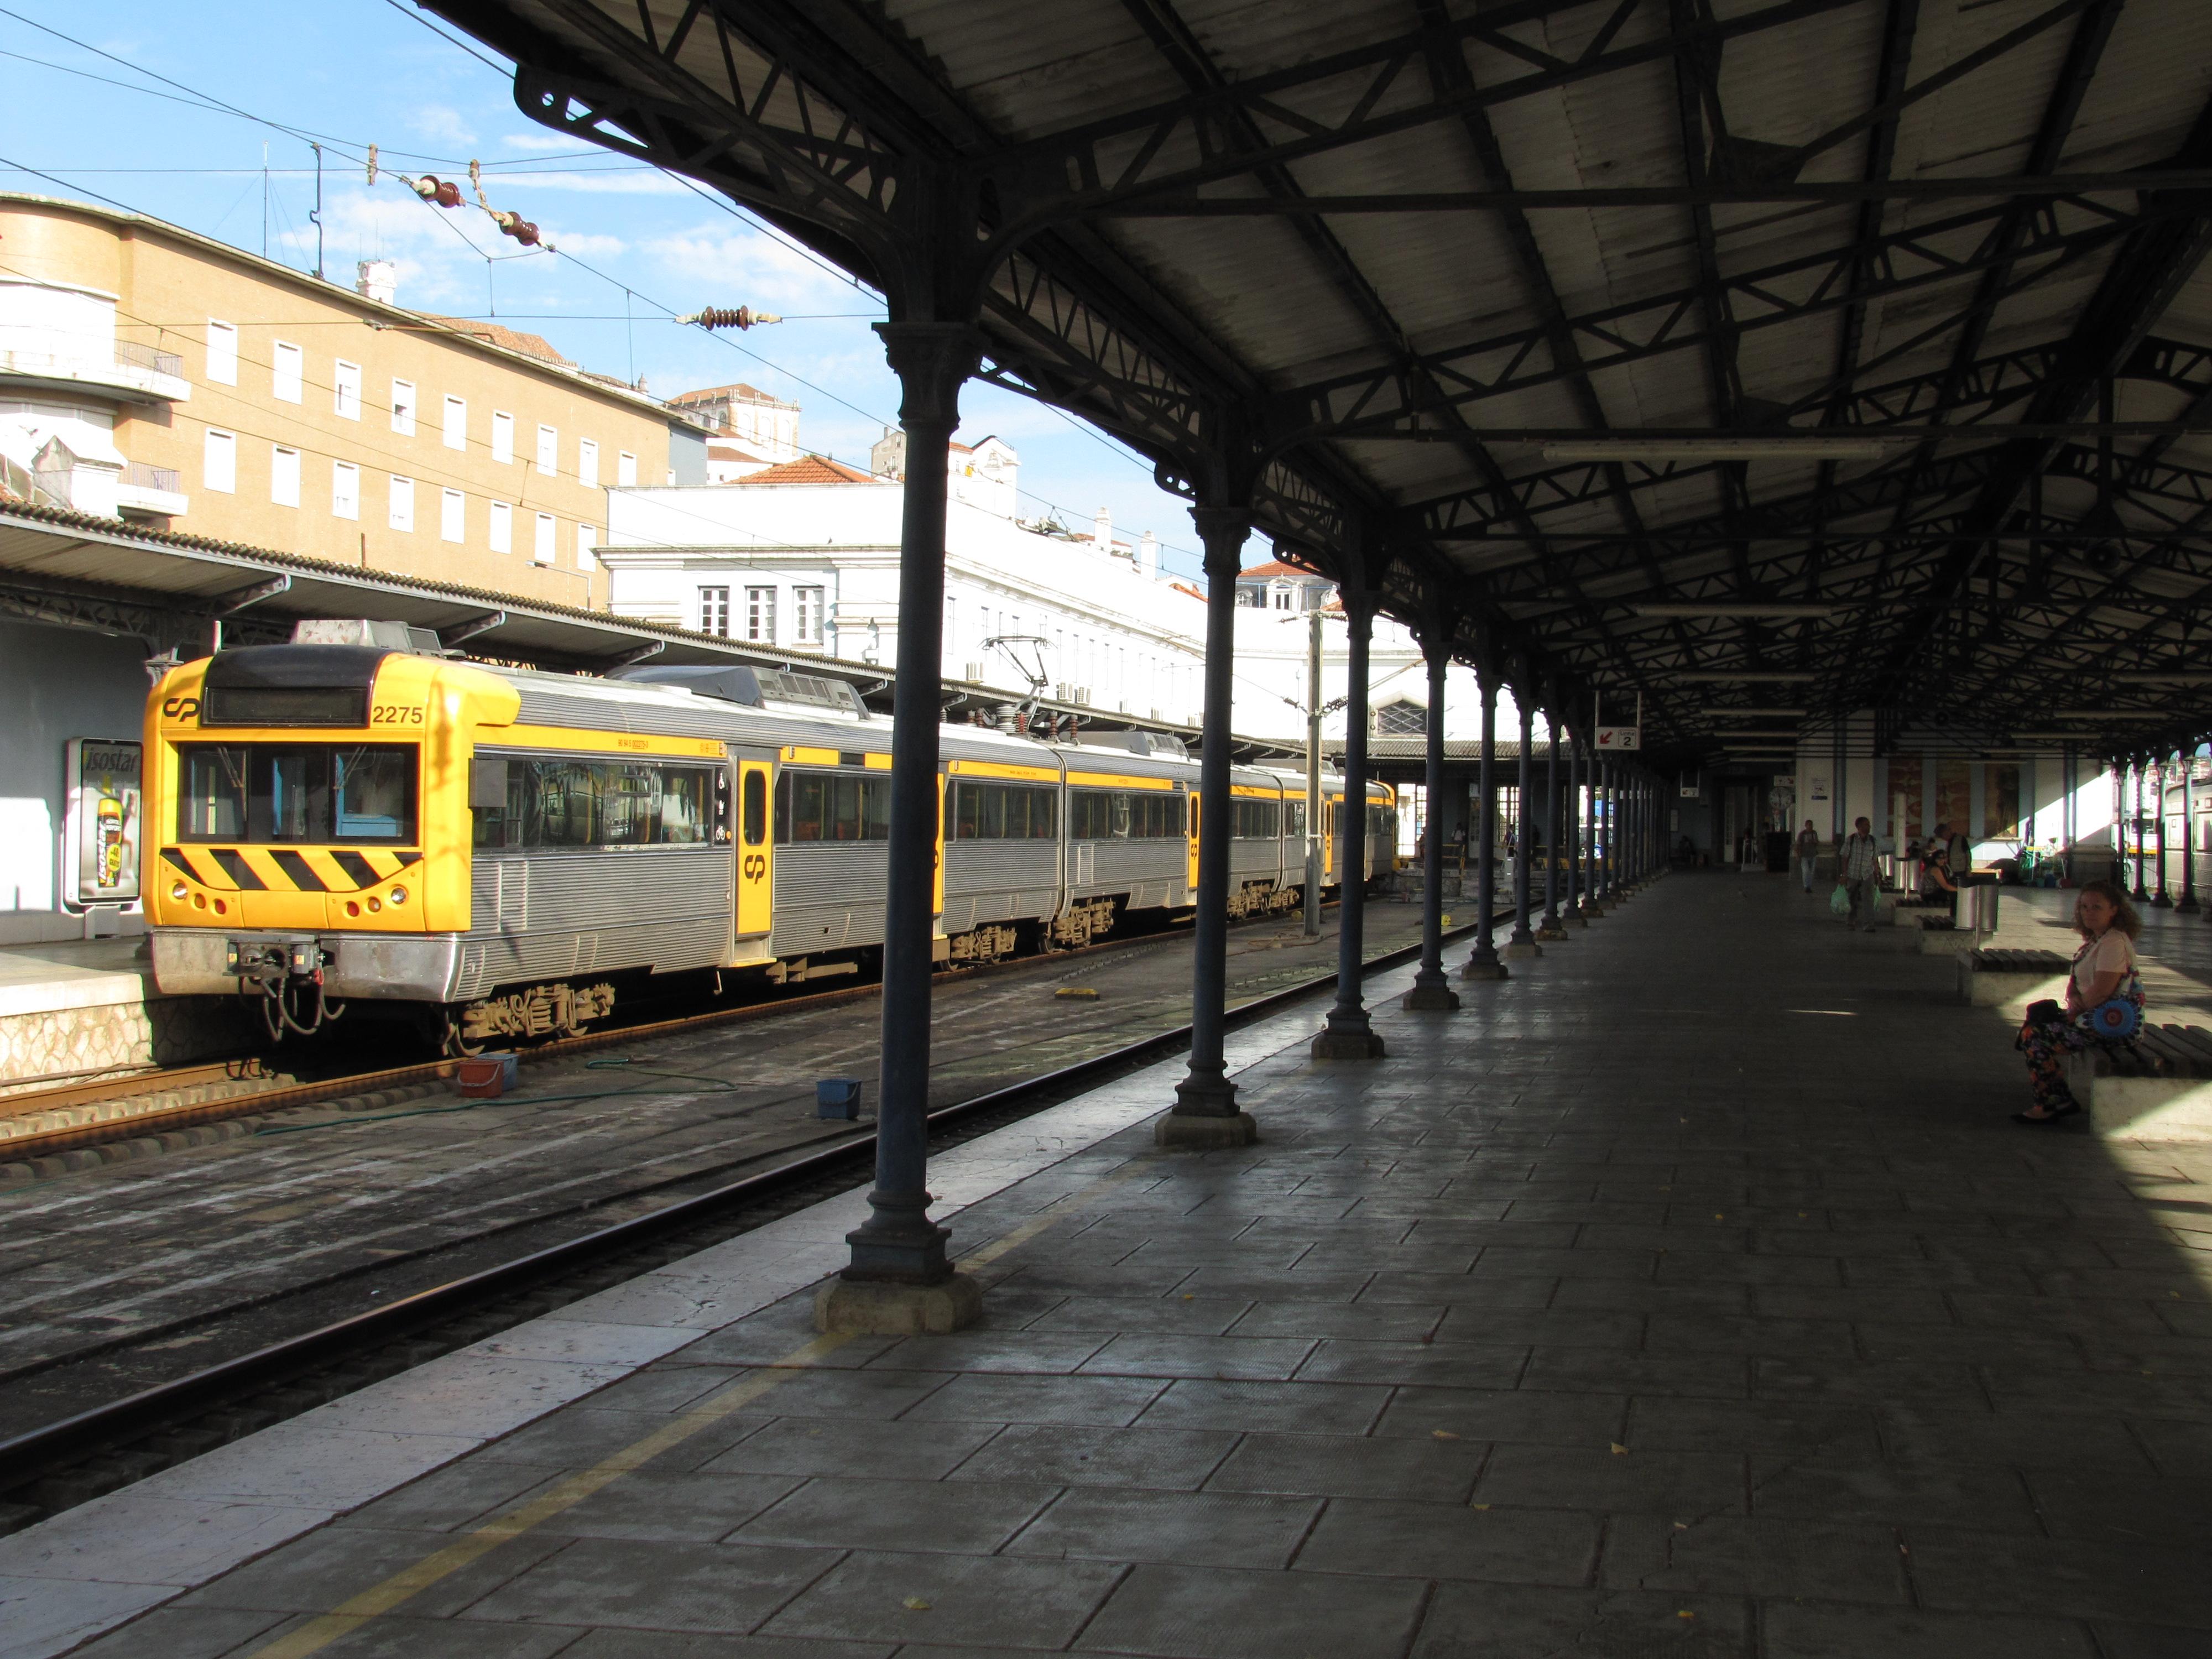 Estación de Coimbra - Portugal